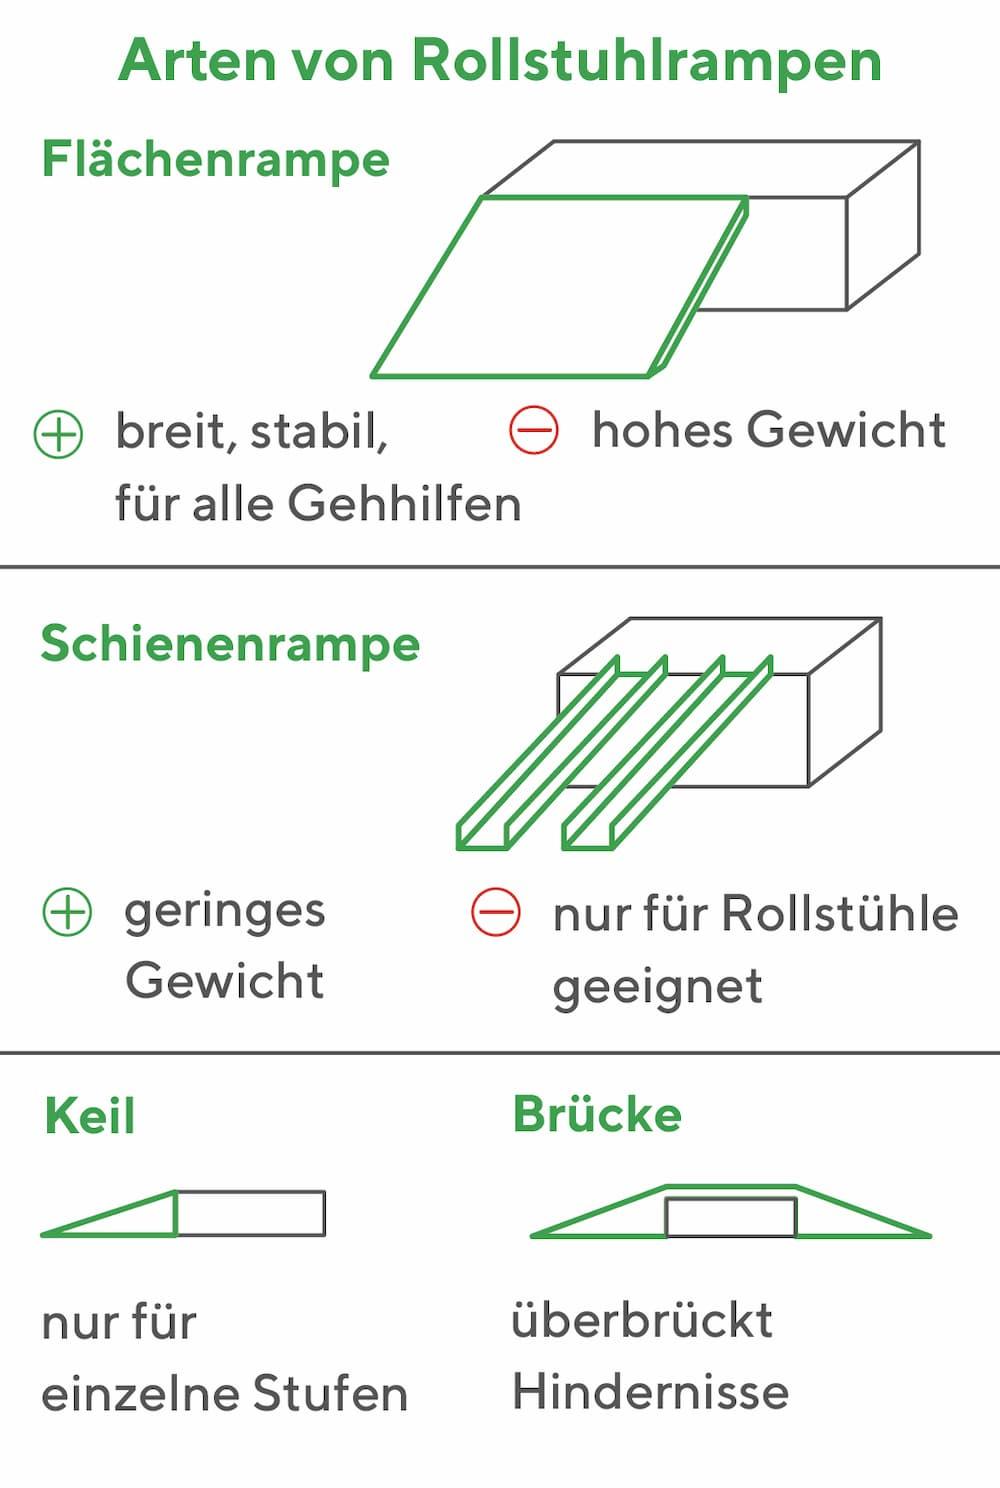 Arten von Rollstuhlrampen